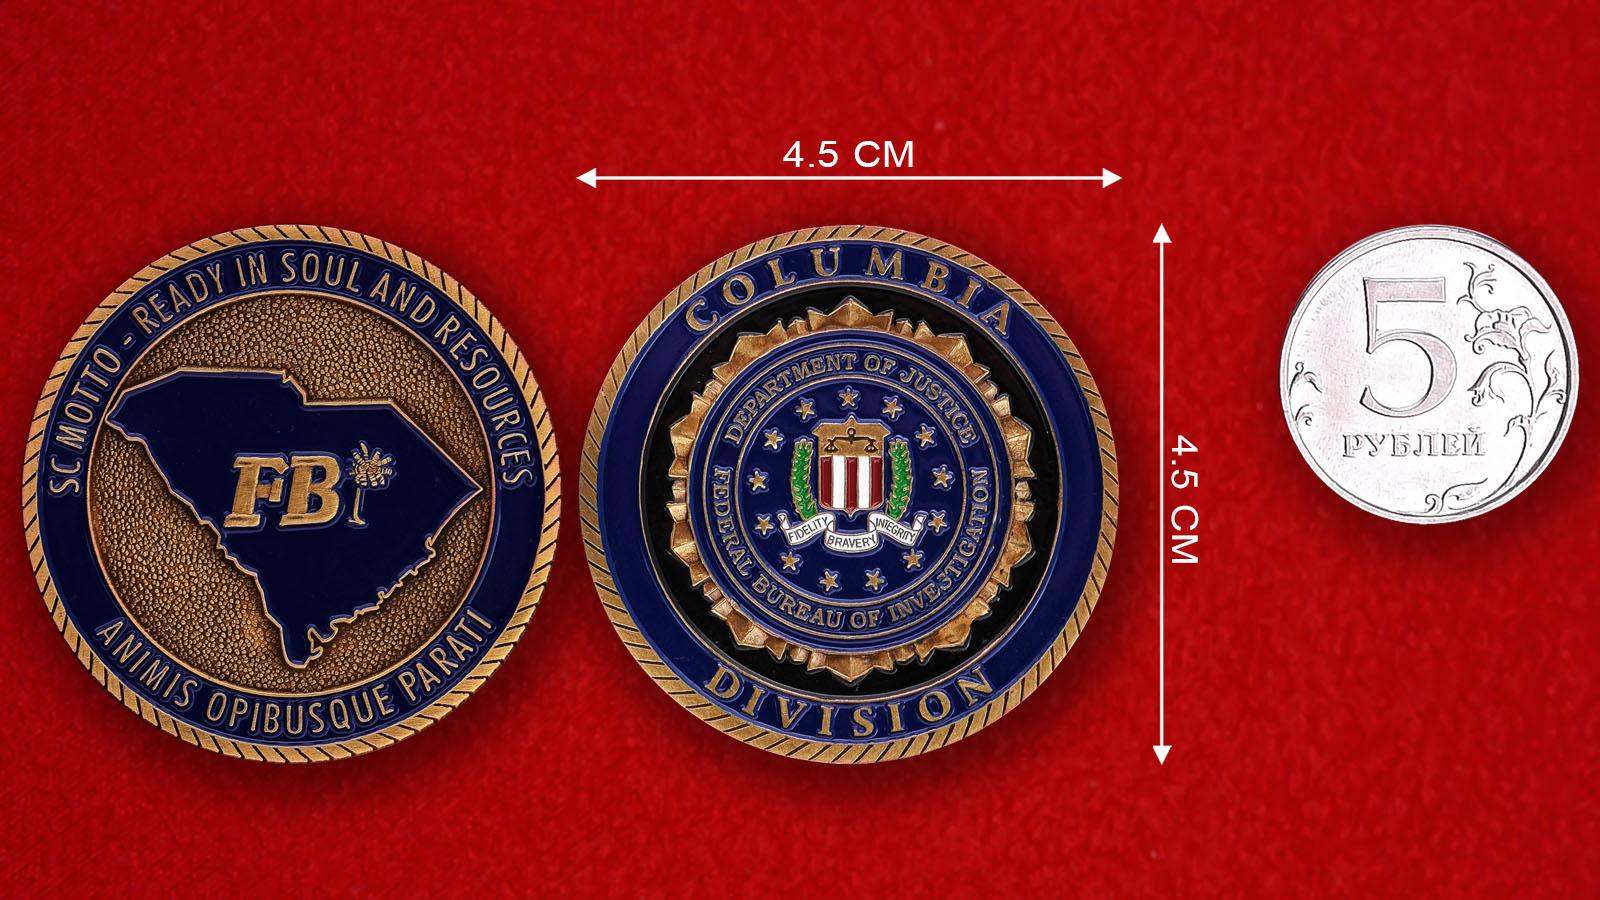 Челлендж коин отделения ФБР в Колумбии, Южная Каролина